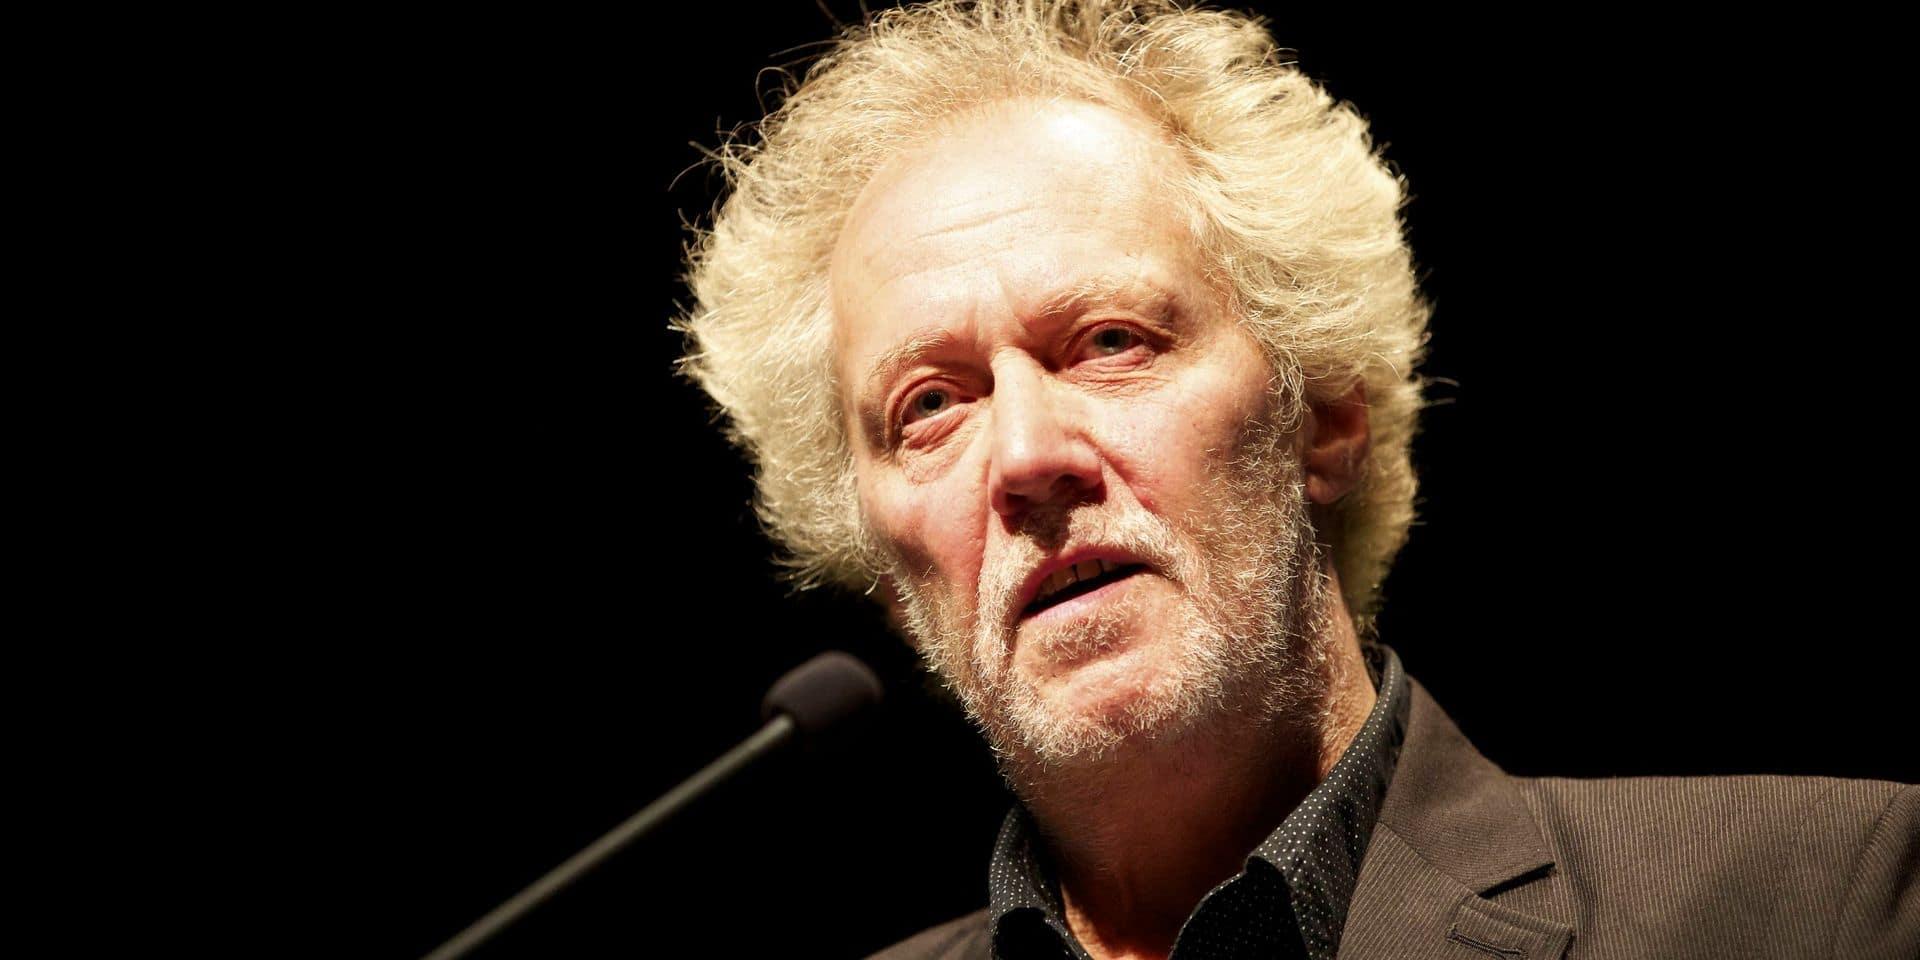 Le chanteur belge Kris De Bruyne décédé à l'âge de 70 ans